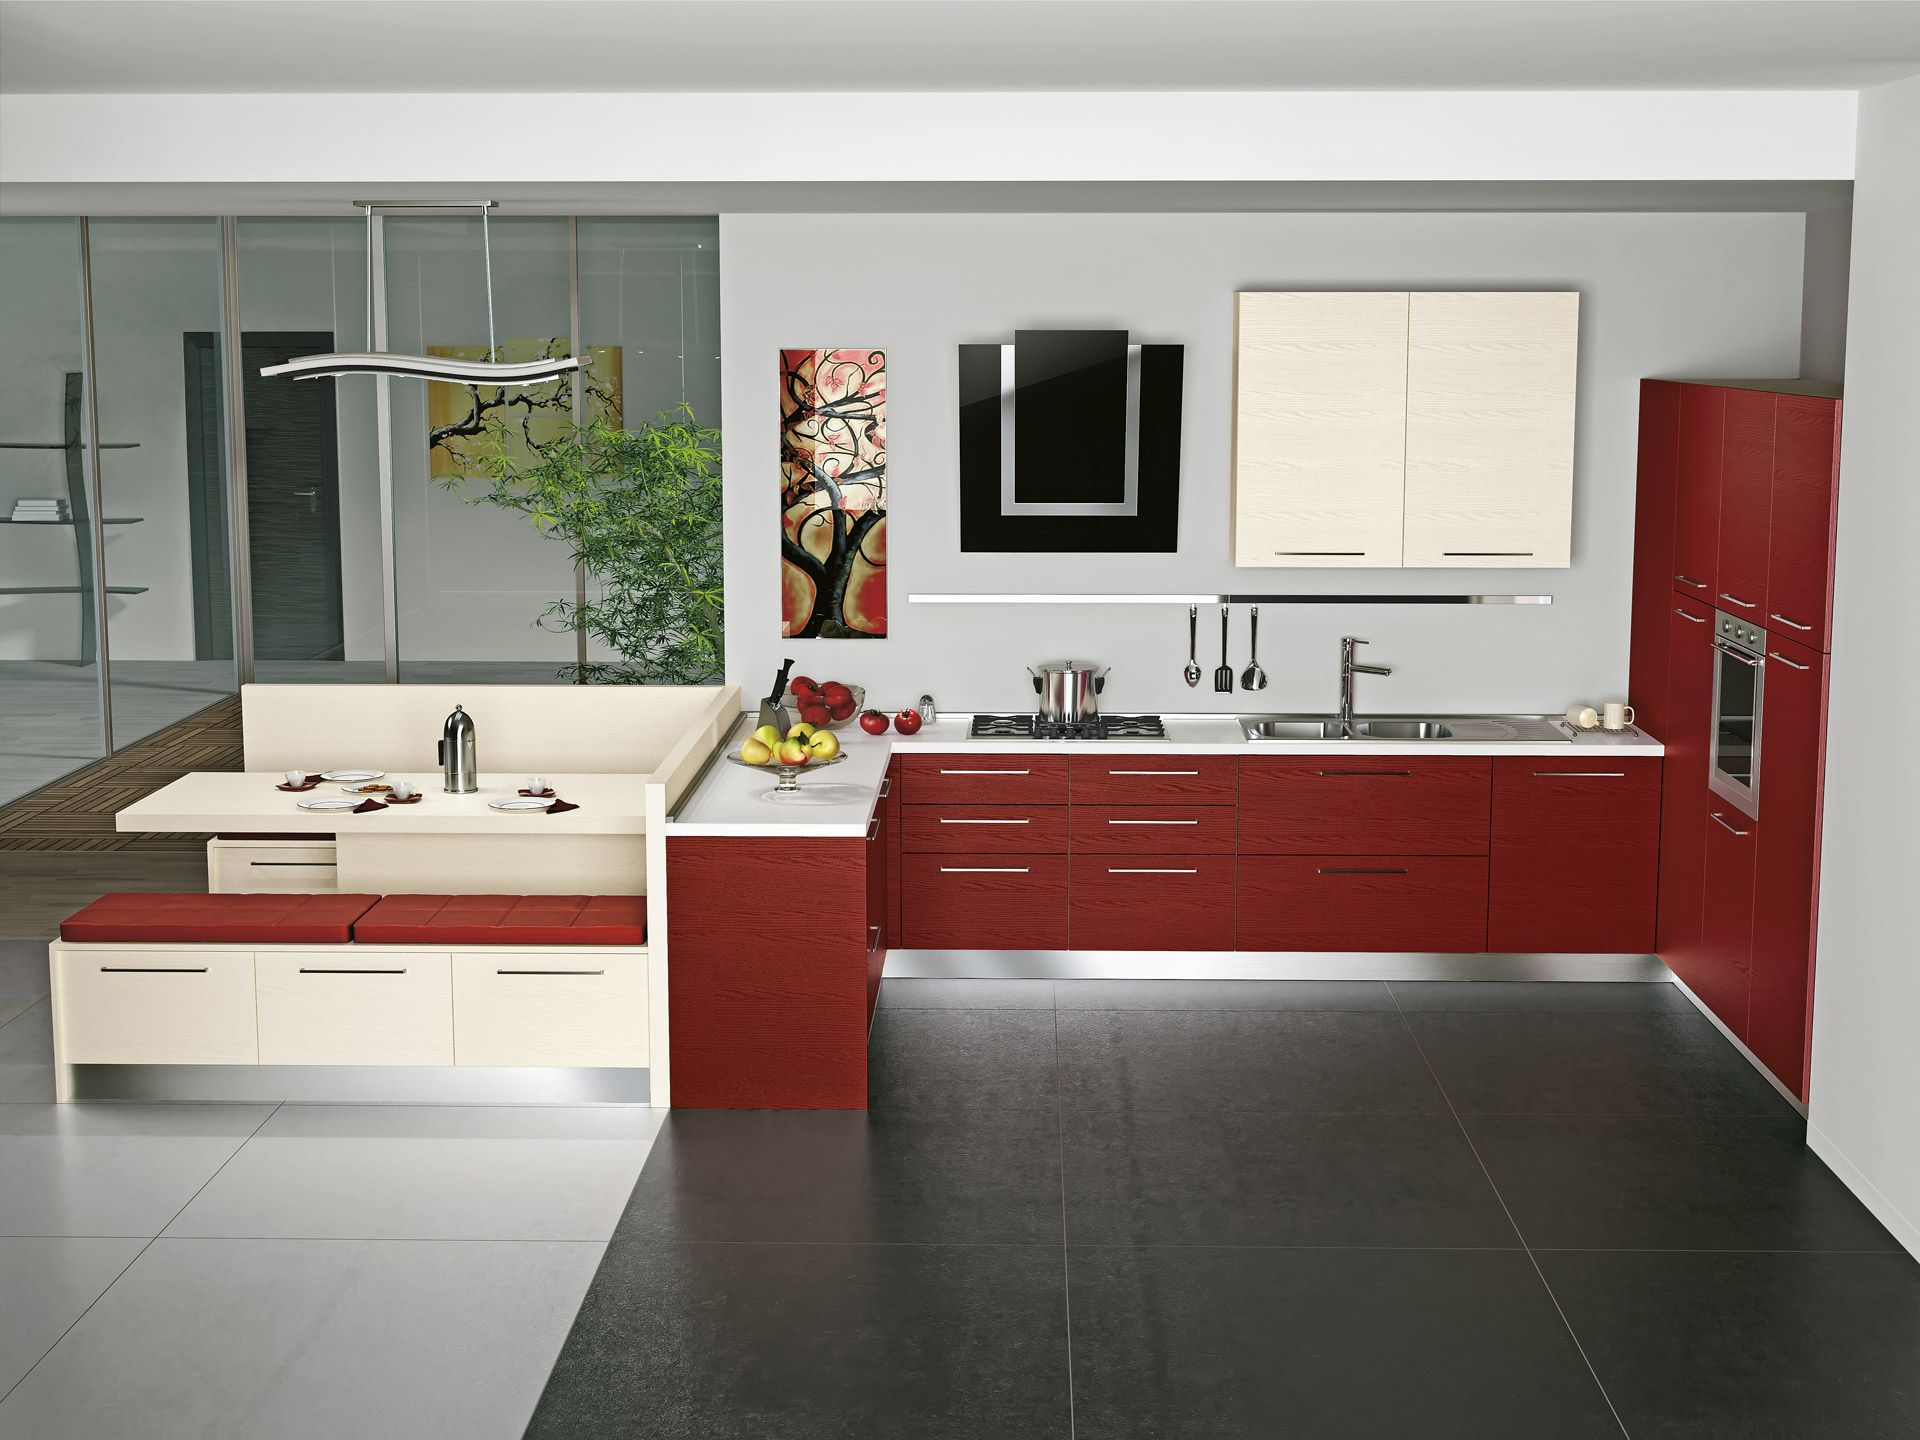 Idee per pitturare cucina classica - Pitturare la cucina ...